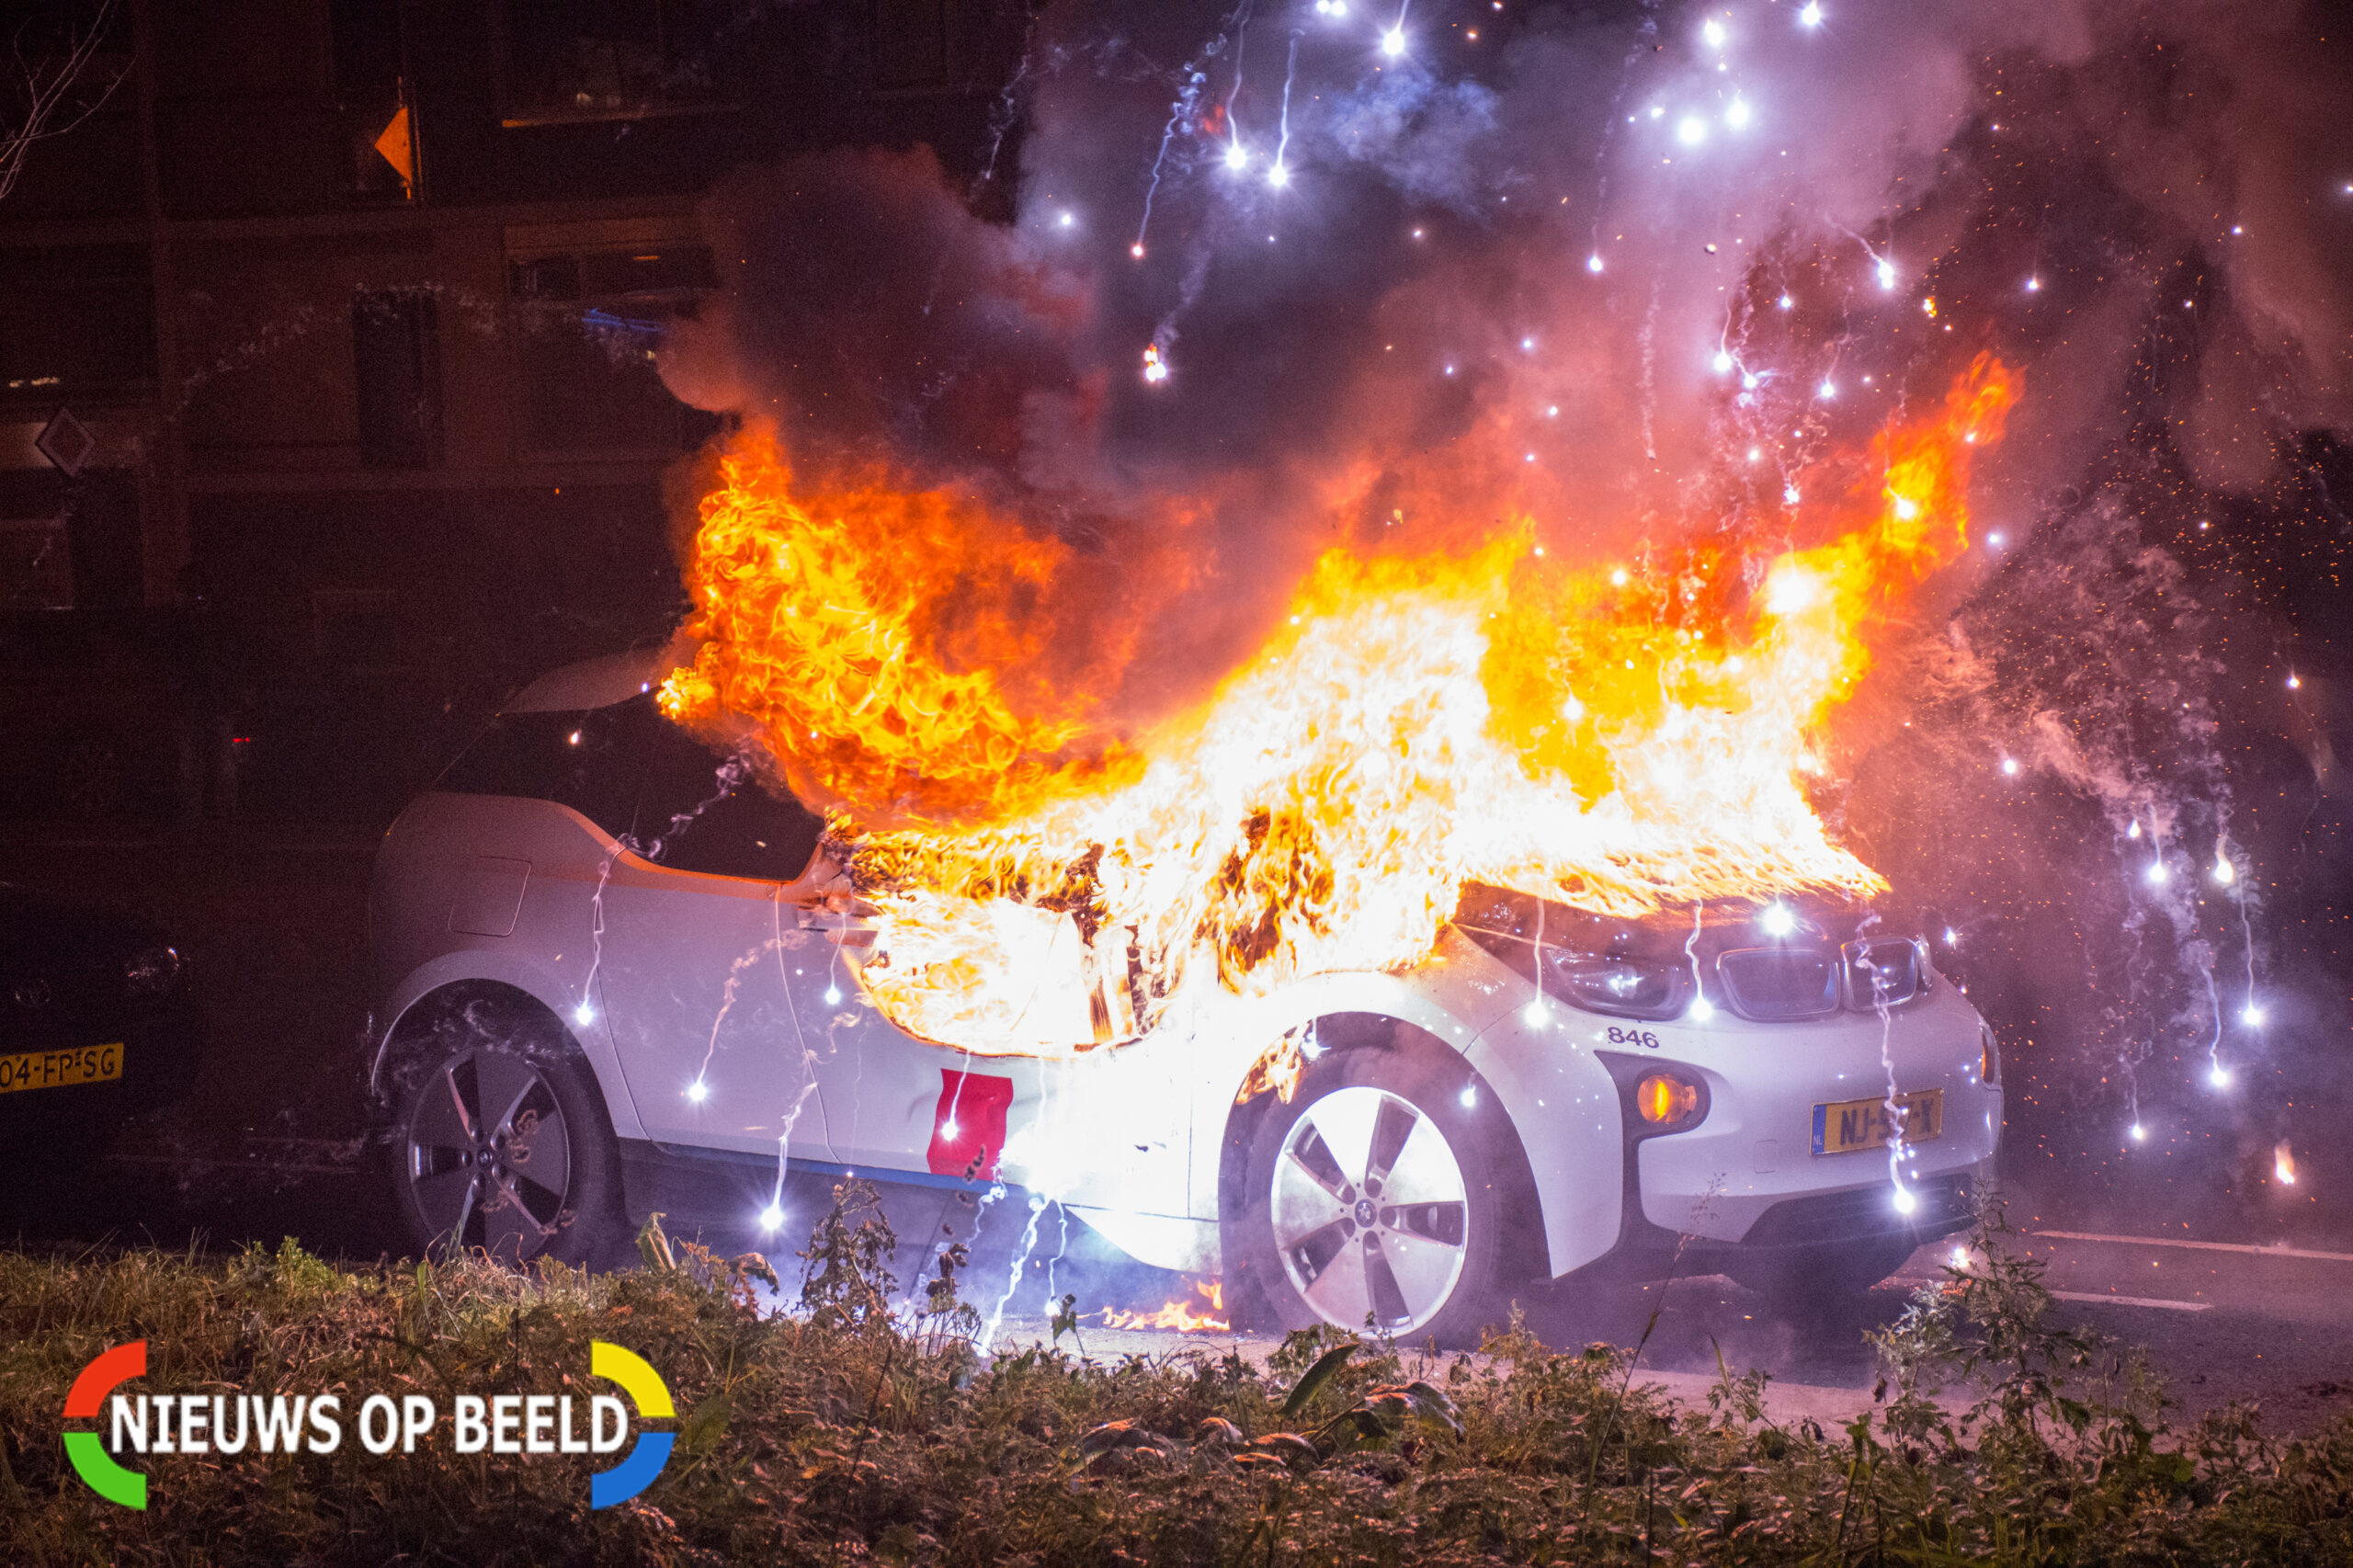 Jaarwisseling relatief rustig verlopen in Den Haag; Wel stijging voertuigbranden